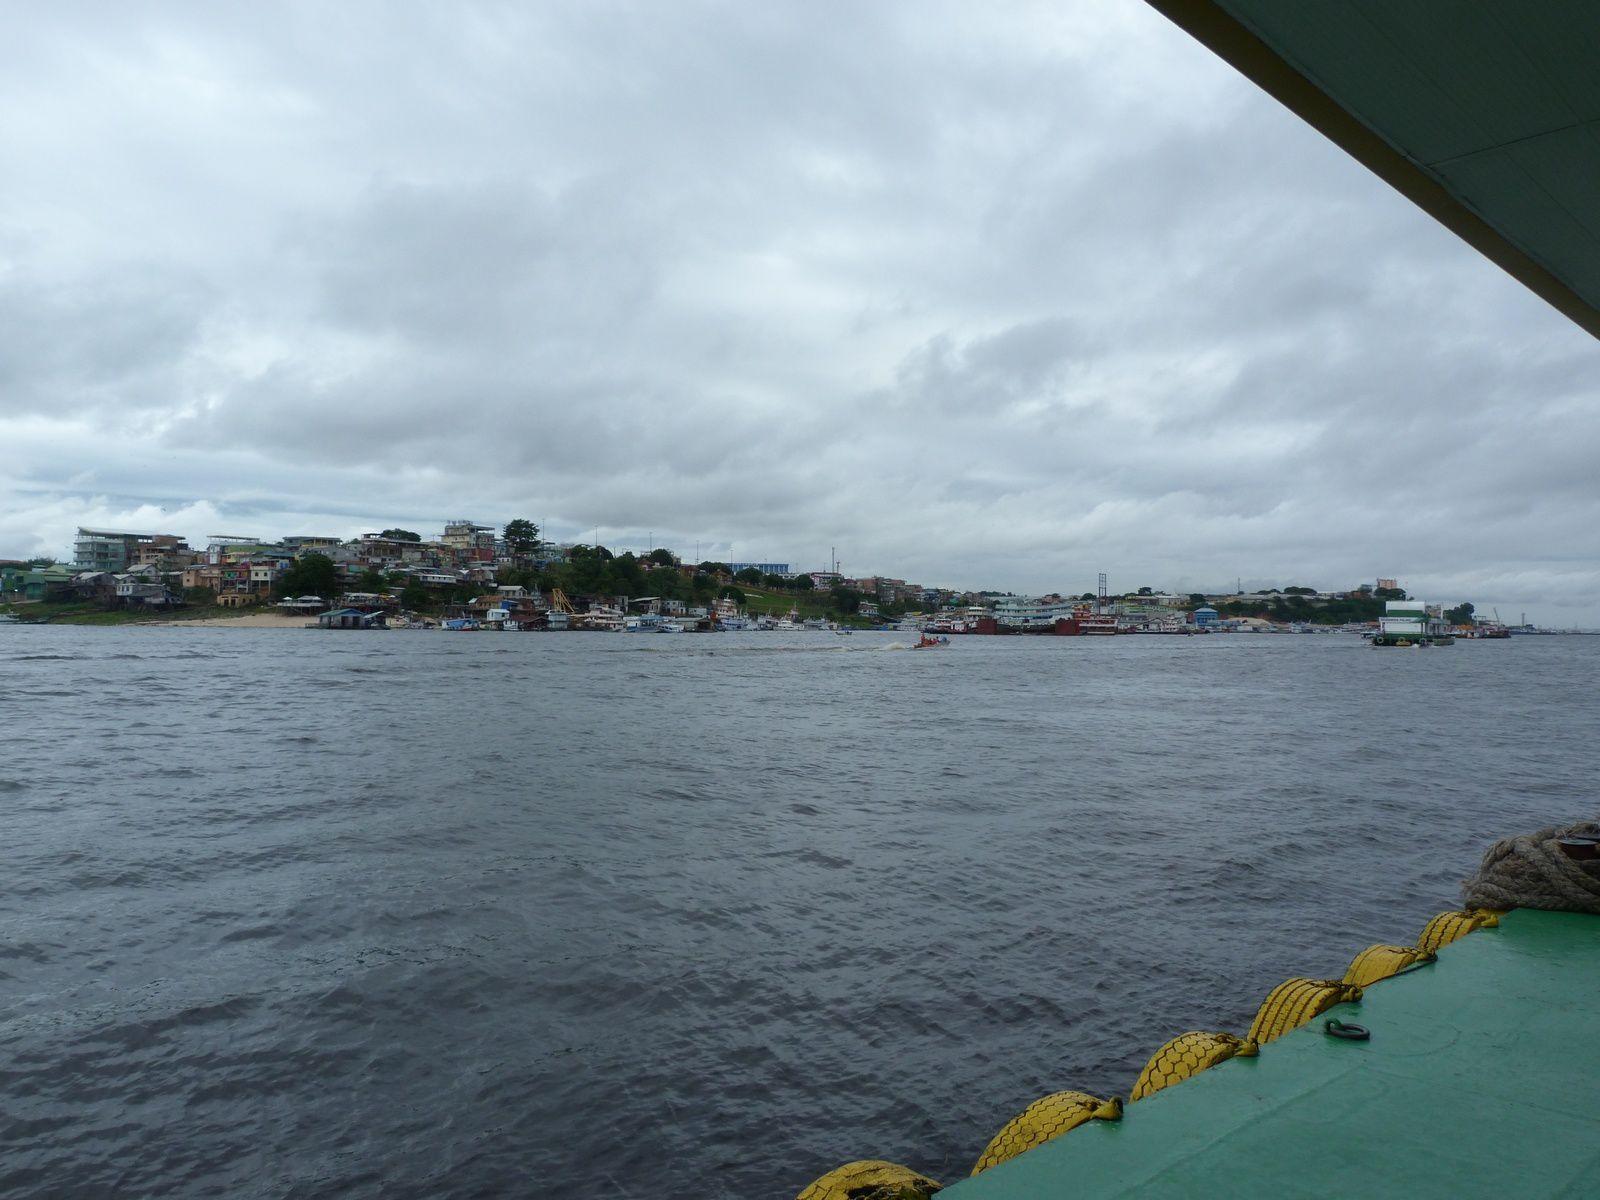 la ville de Manaus au Brésil